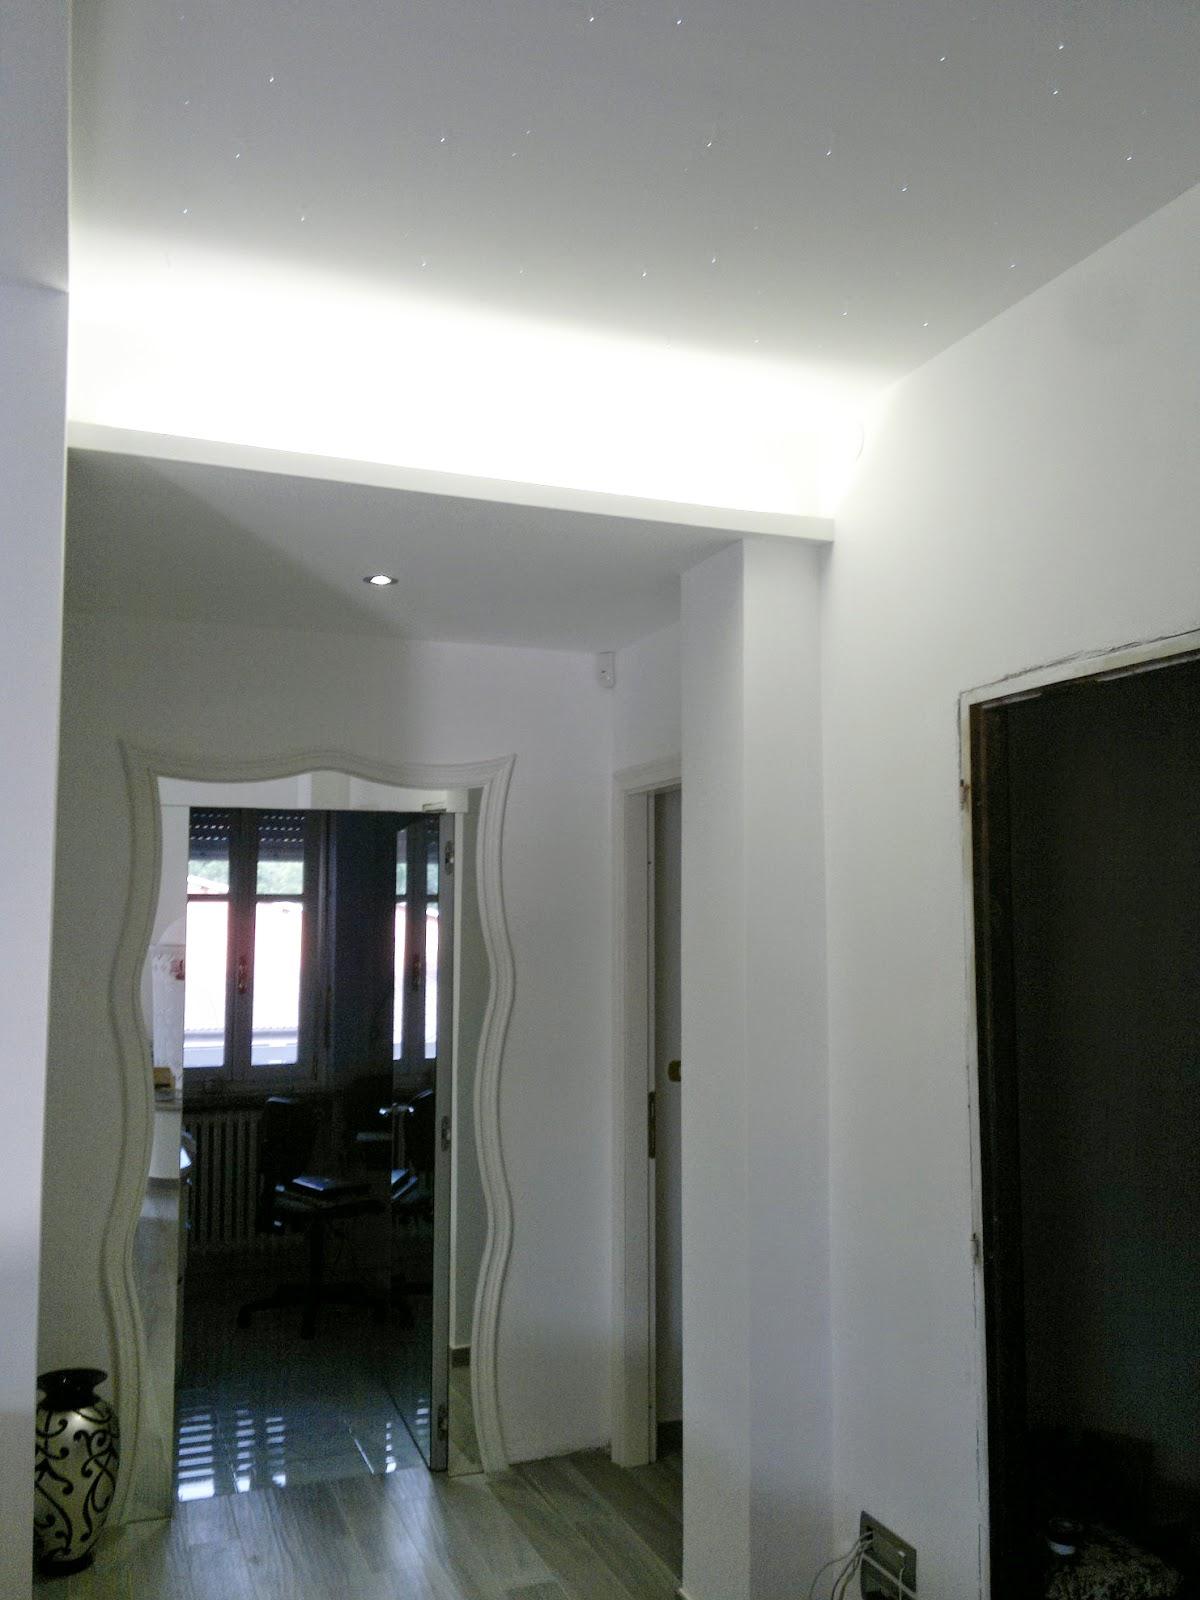 Illuminazione Led casa: Almese - Ristrutturando una residenza privata